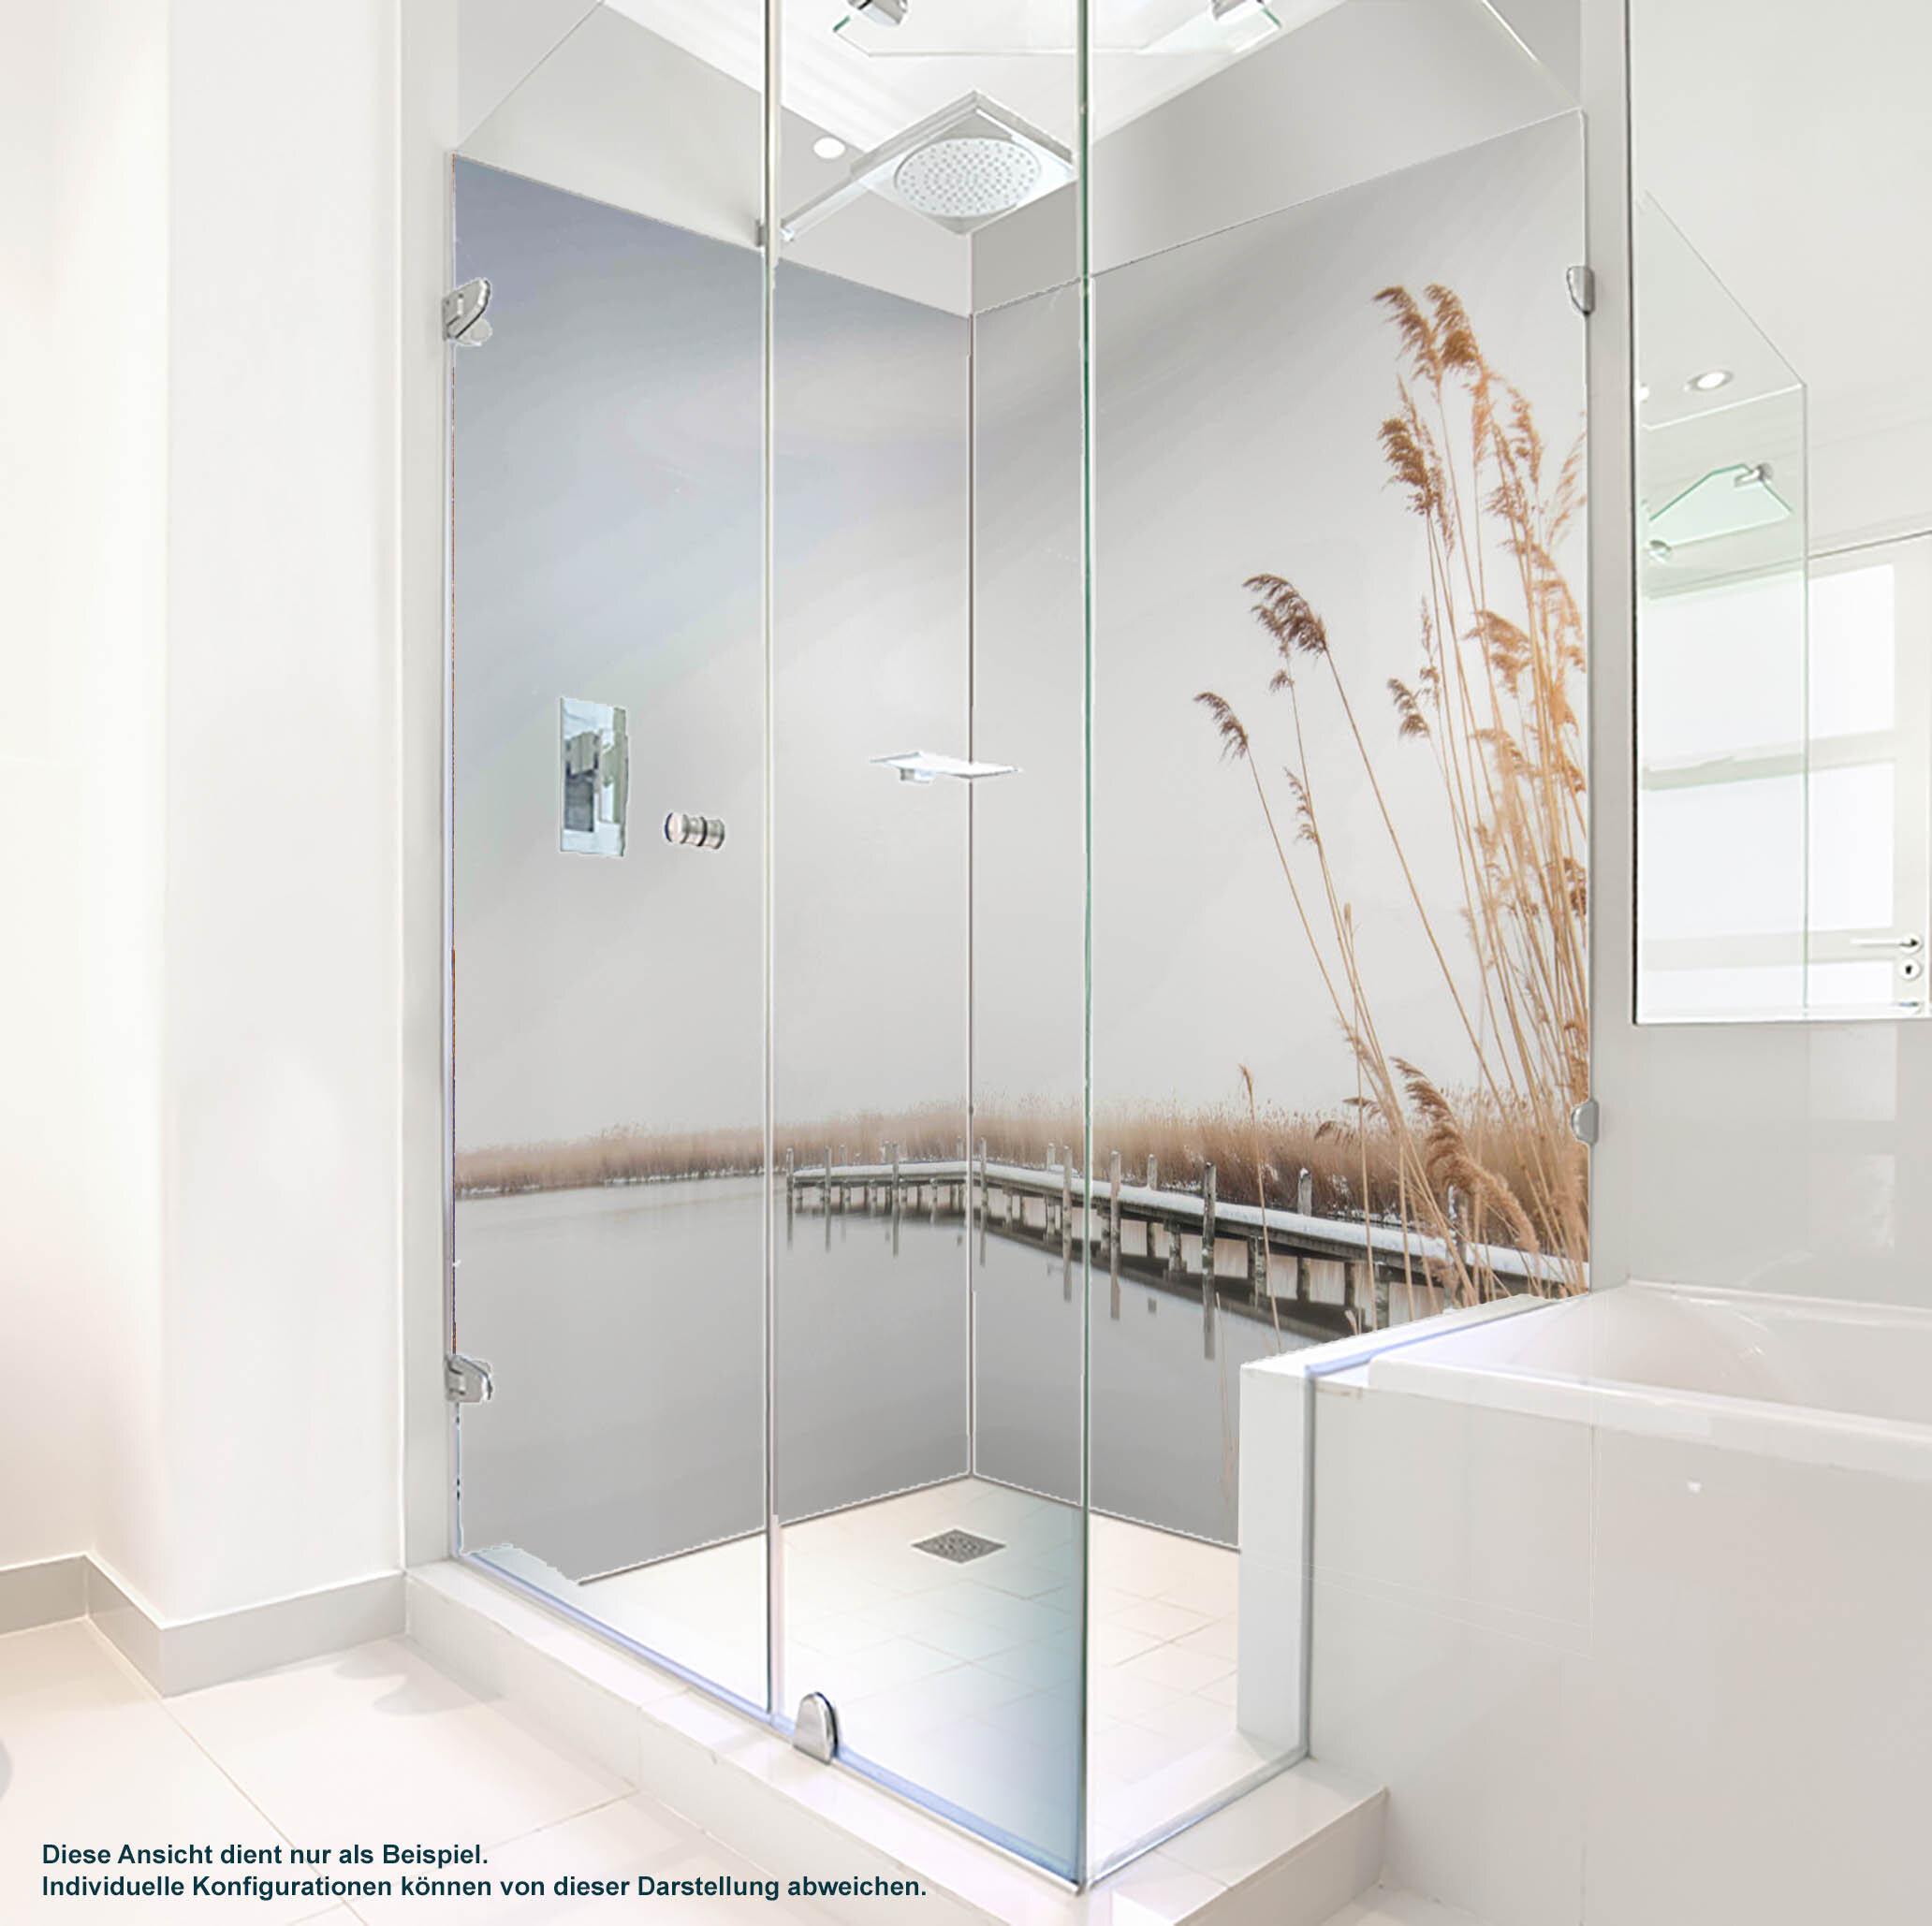 Dusche PlateART Duschrückwand mit Motiv Strand und Meer Steg Winter